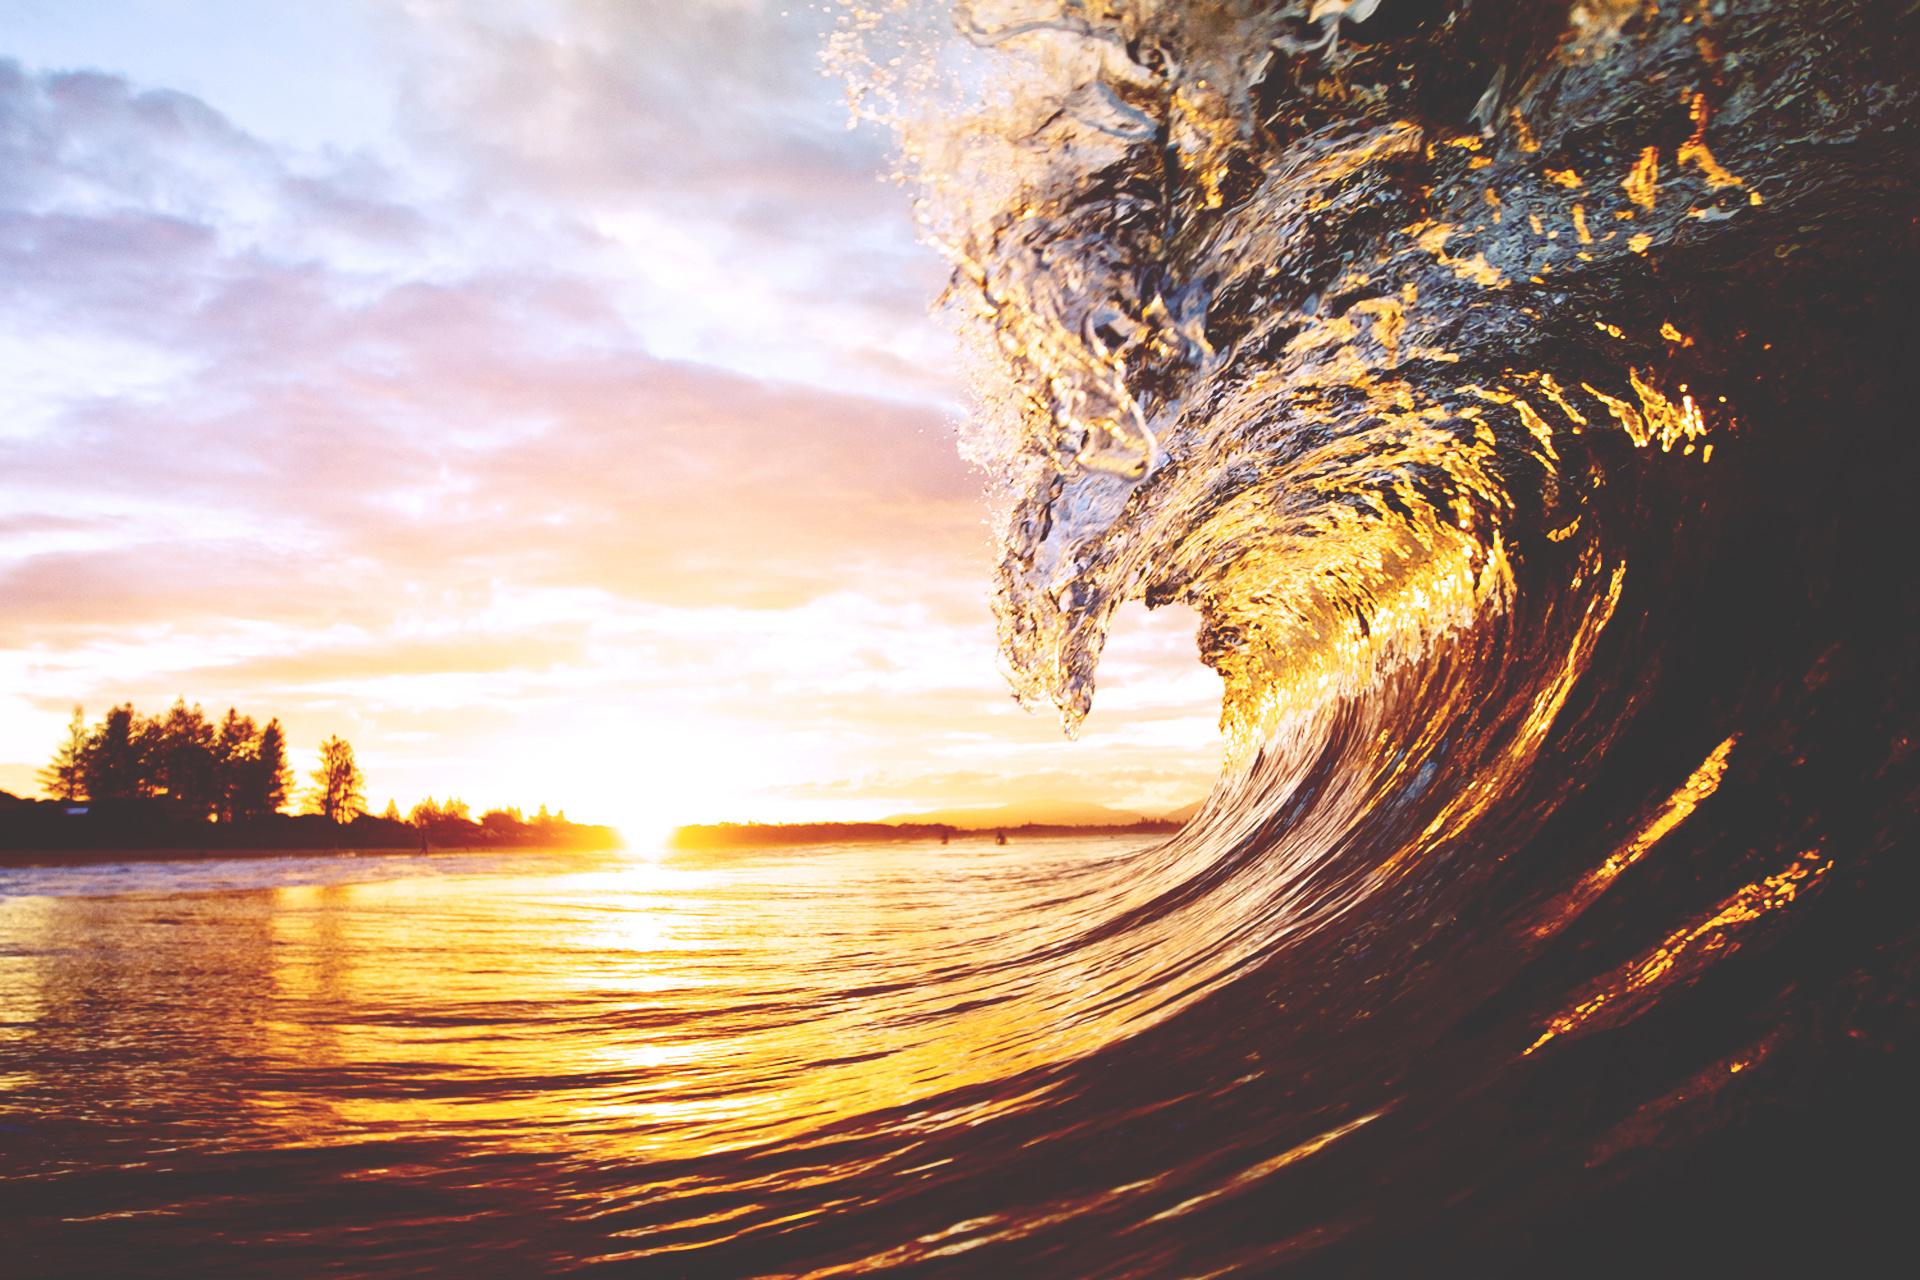 wallpaper beach waves wallpapers hd wallpaper background desktop